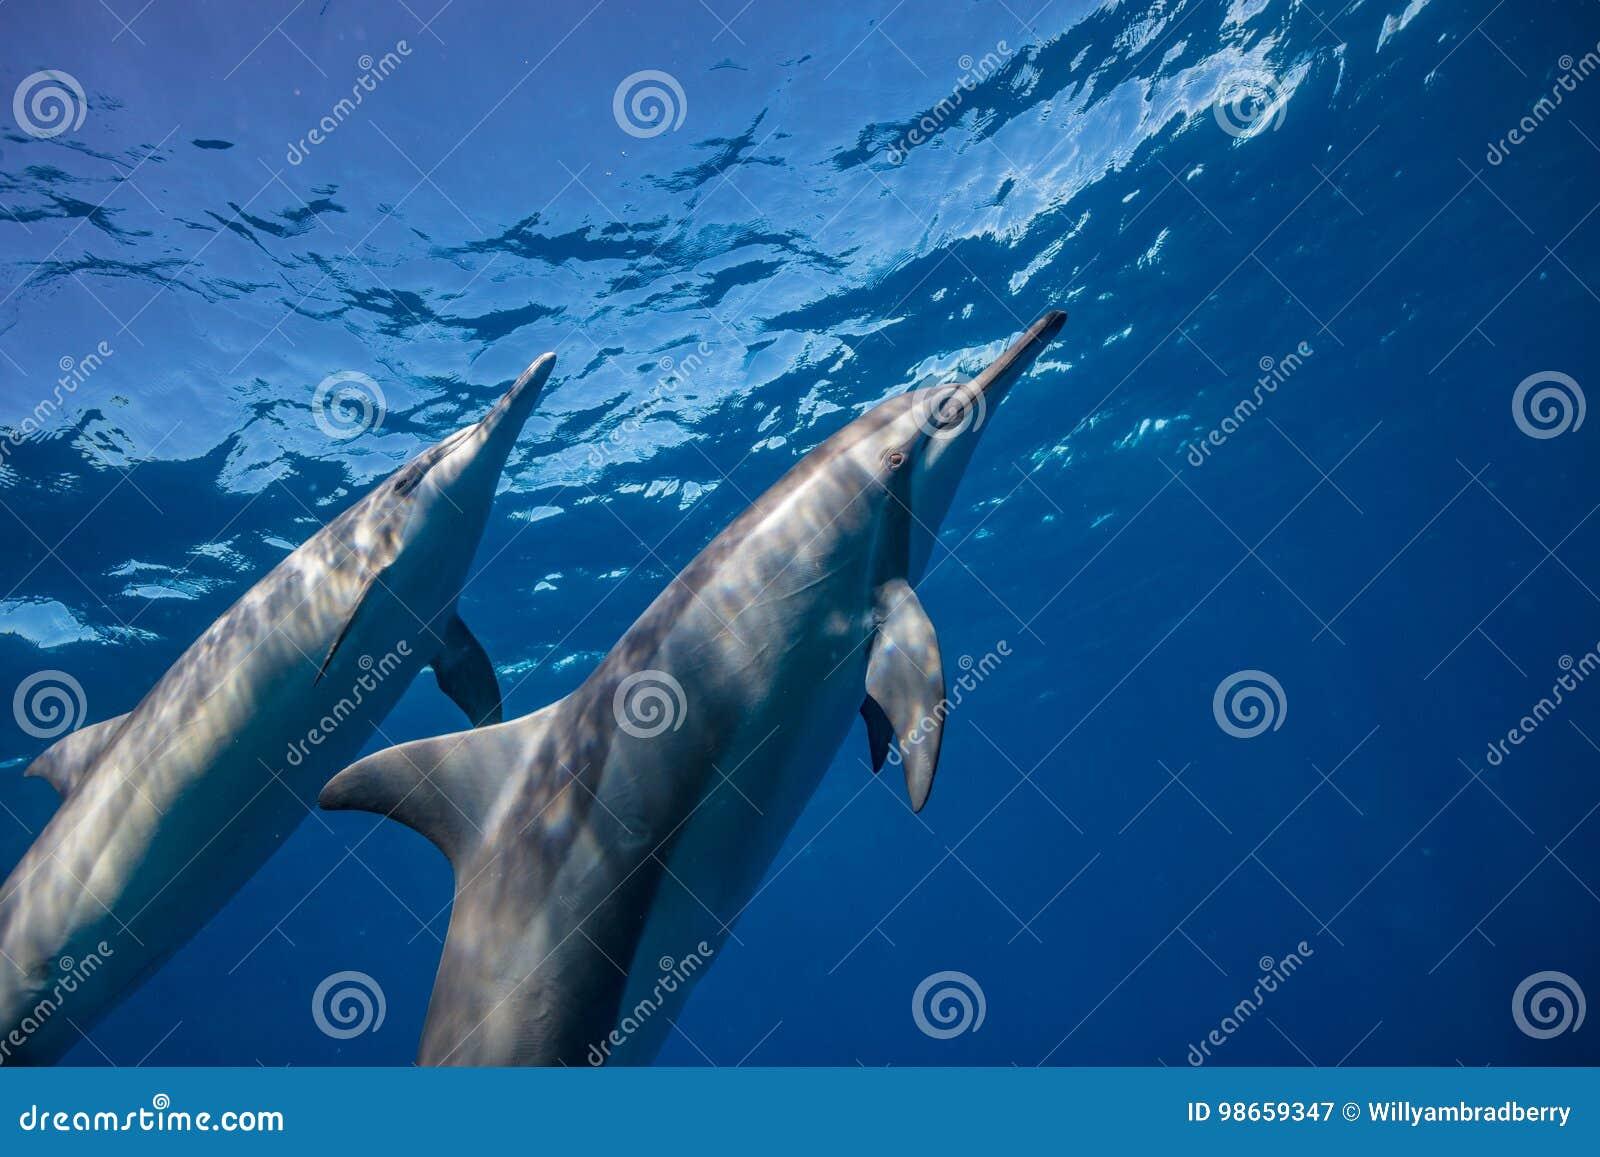 Fondo azul del agua del océano con los delfínes salvajes